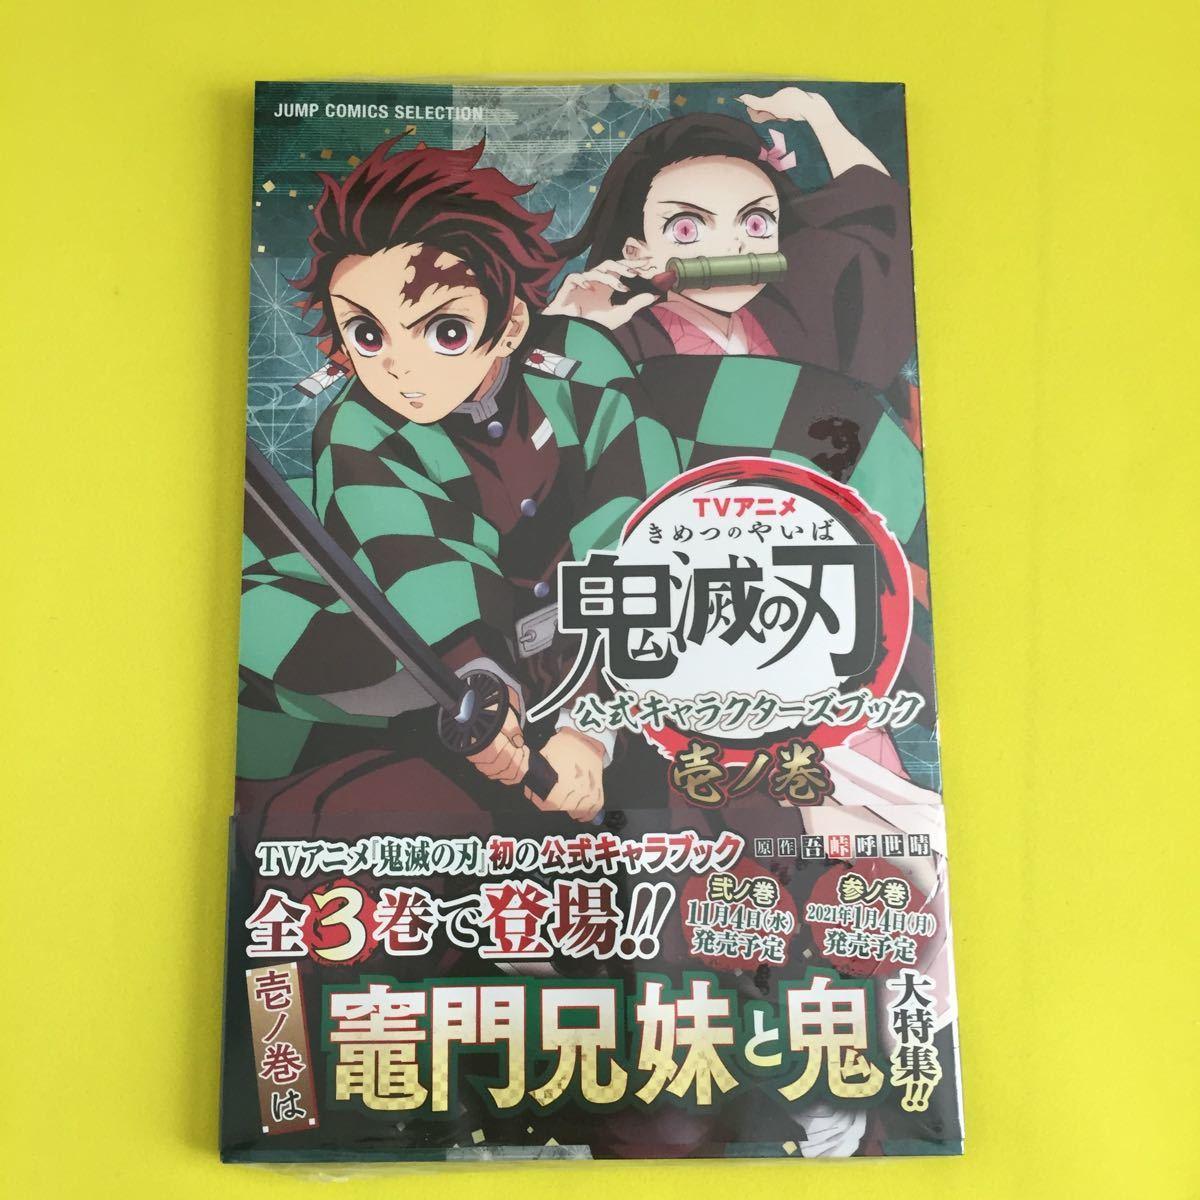 鬼滅の刃 公式キャラクターブック 1点